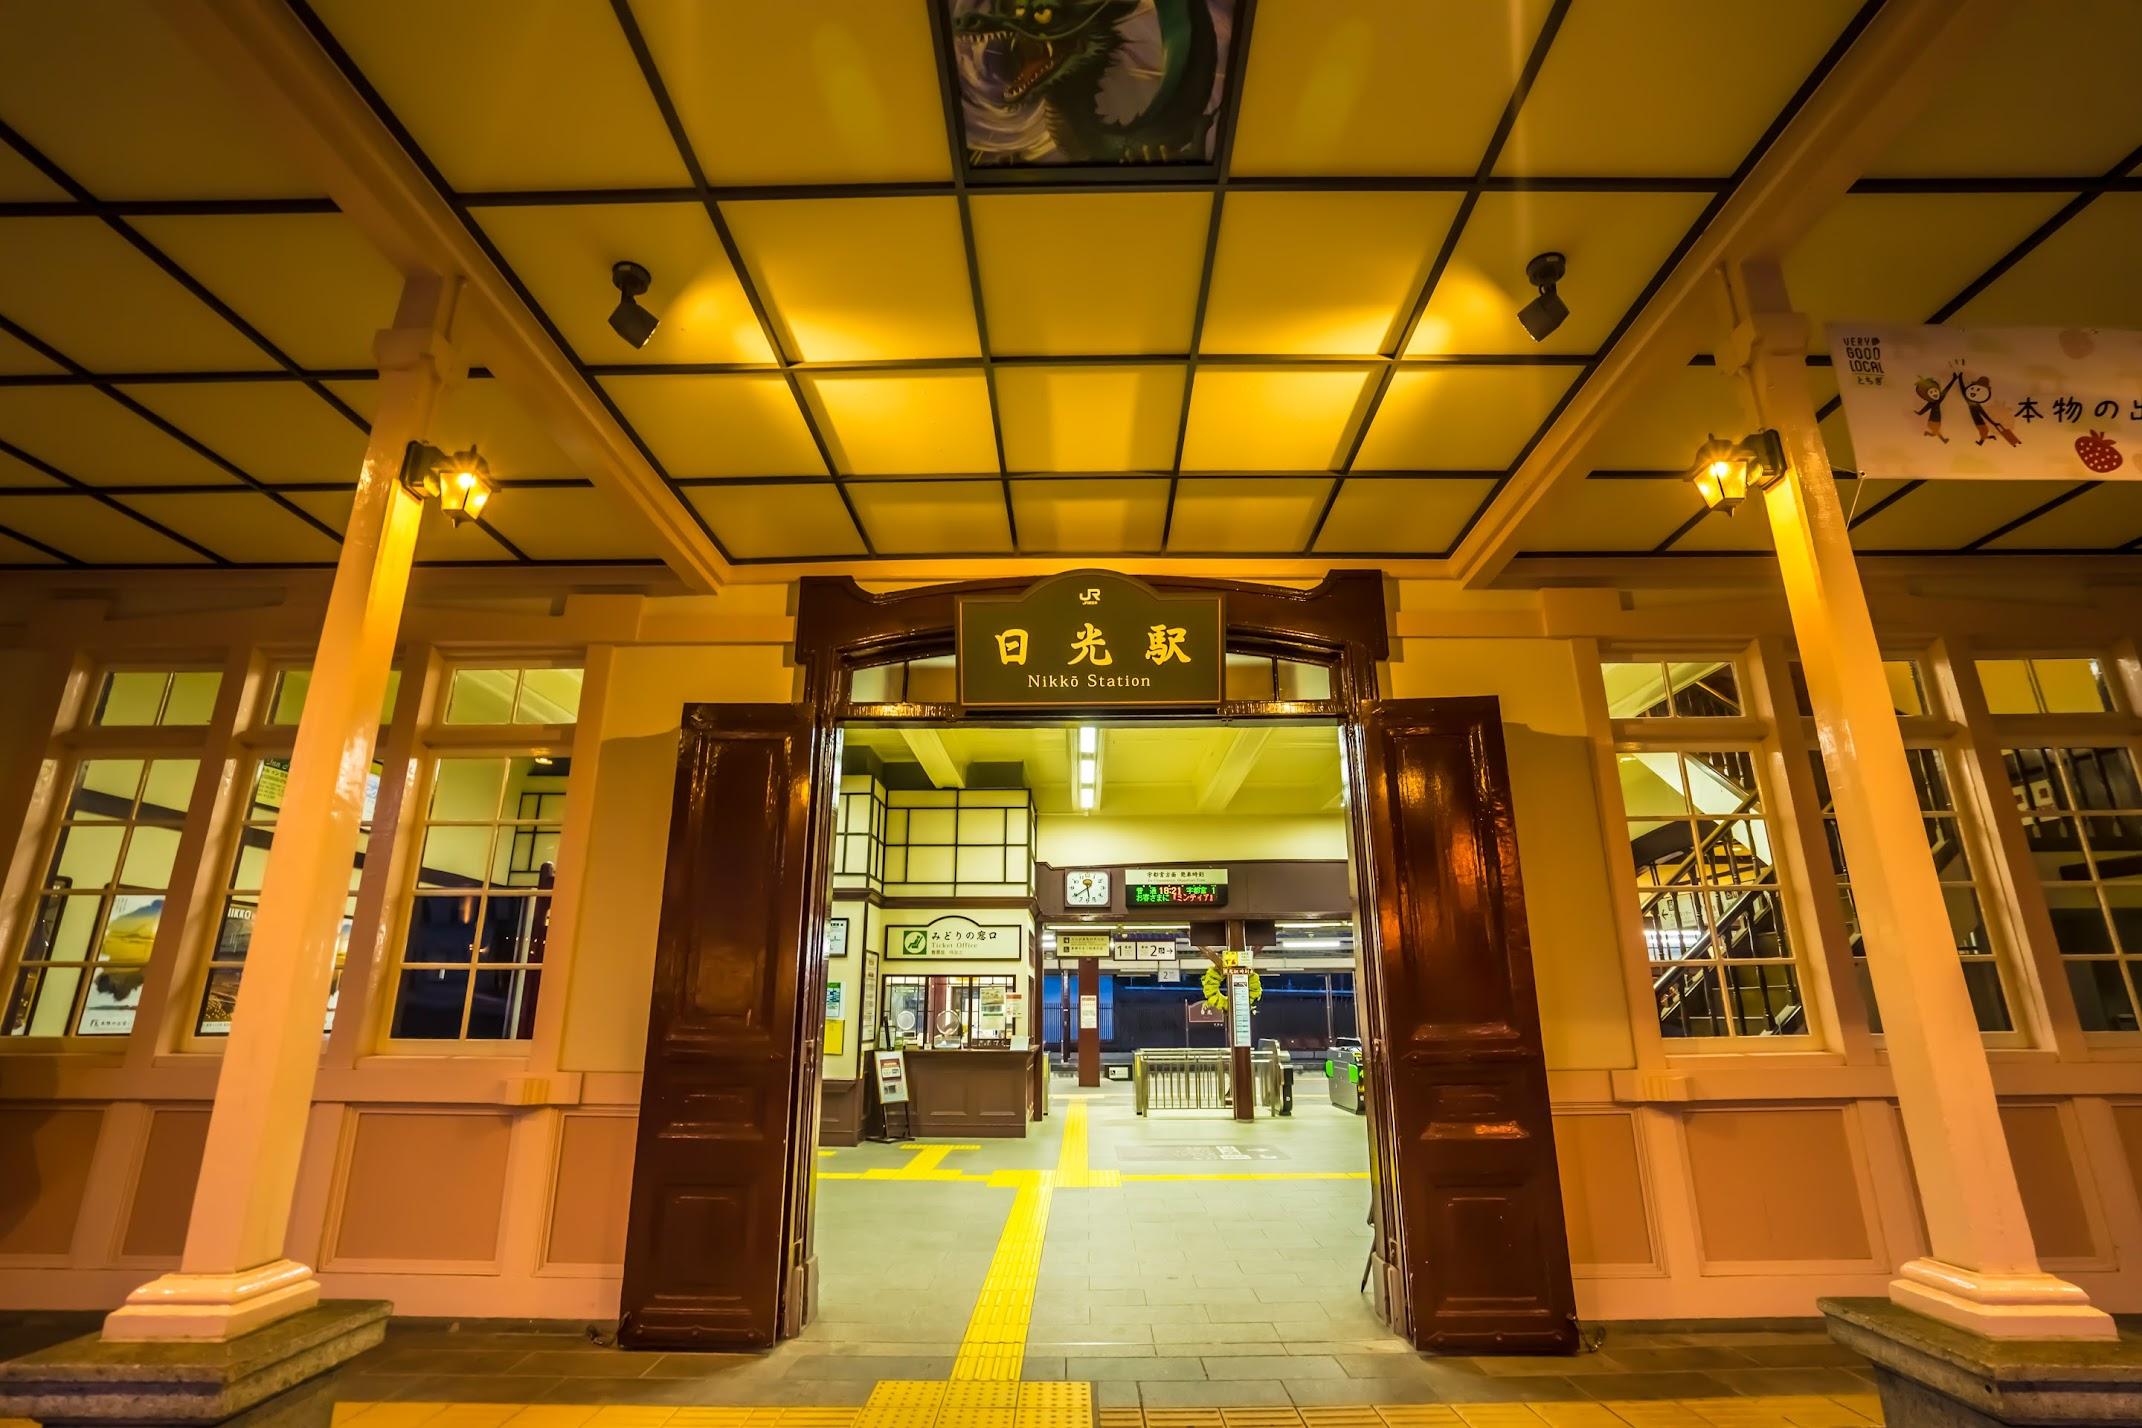 JR Nikko station light-up2